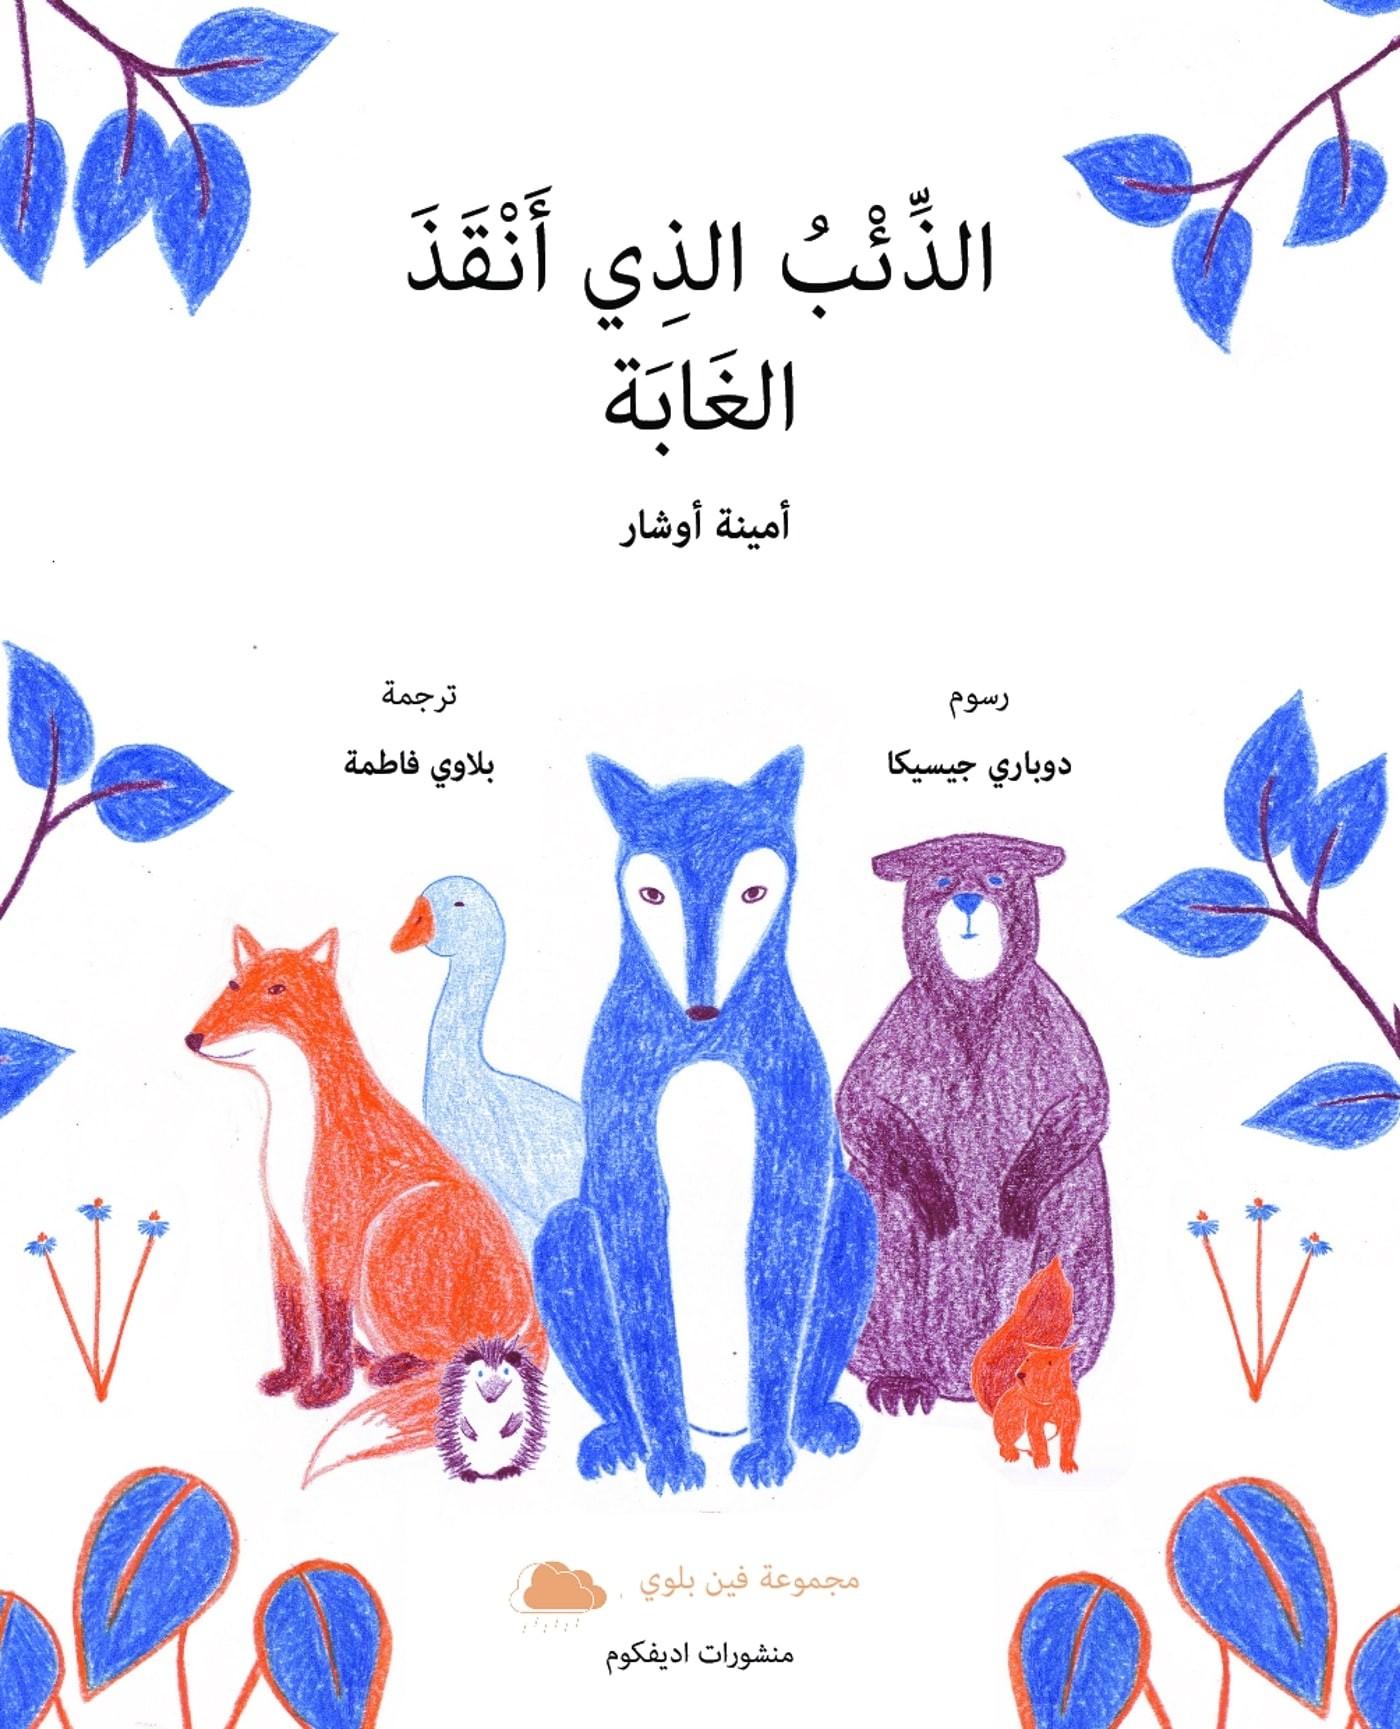 La forêt retrouvée version arabe